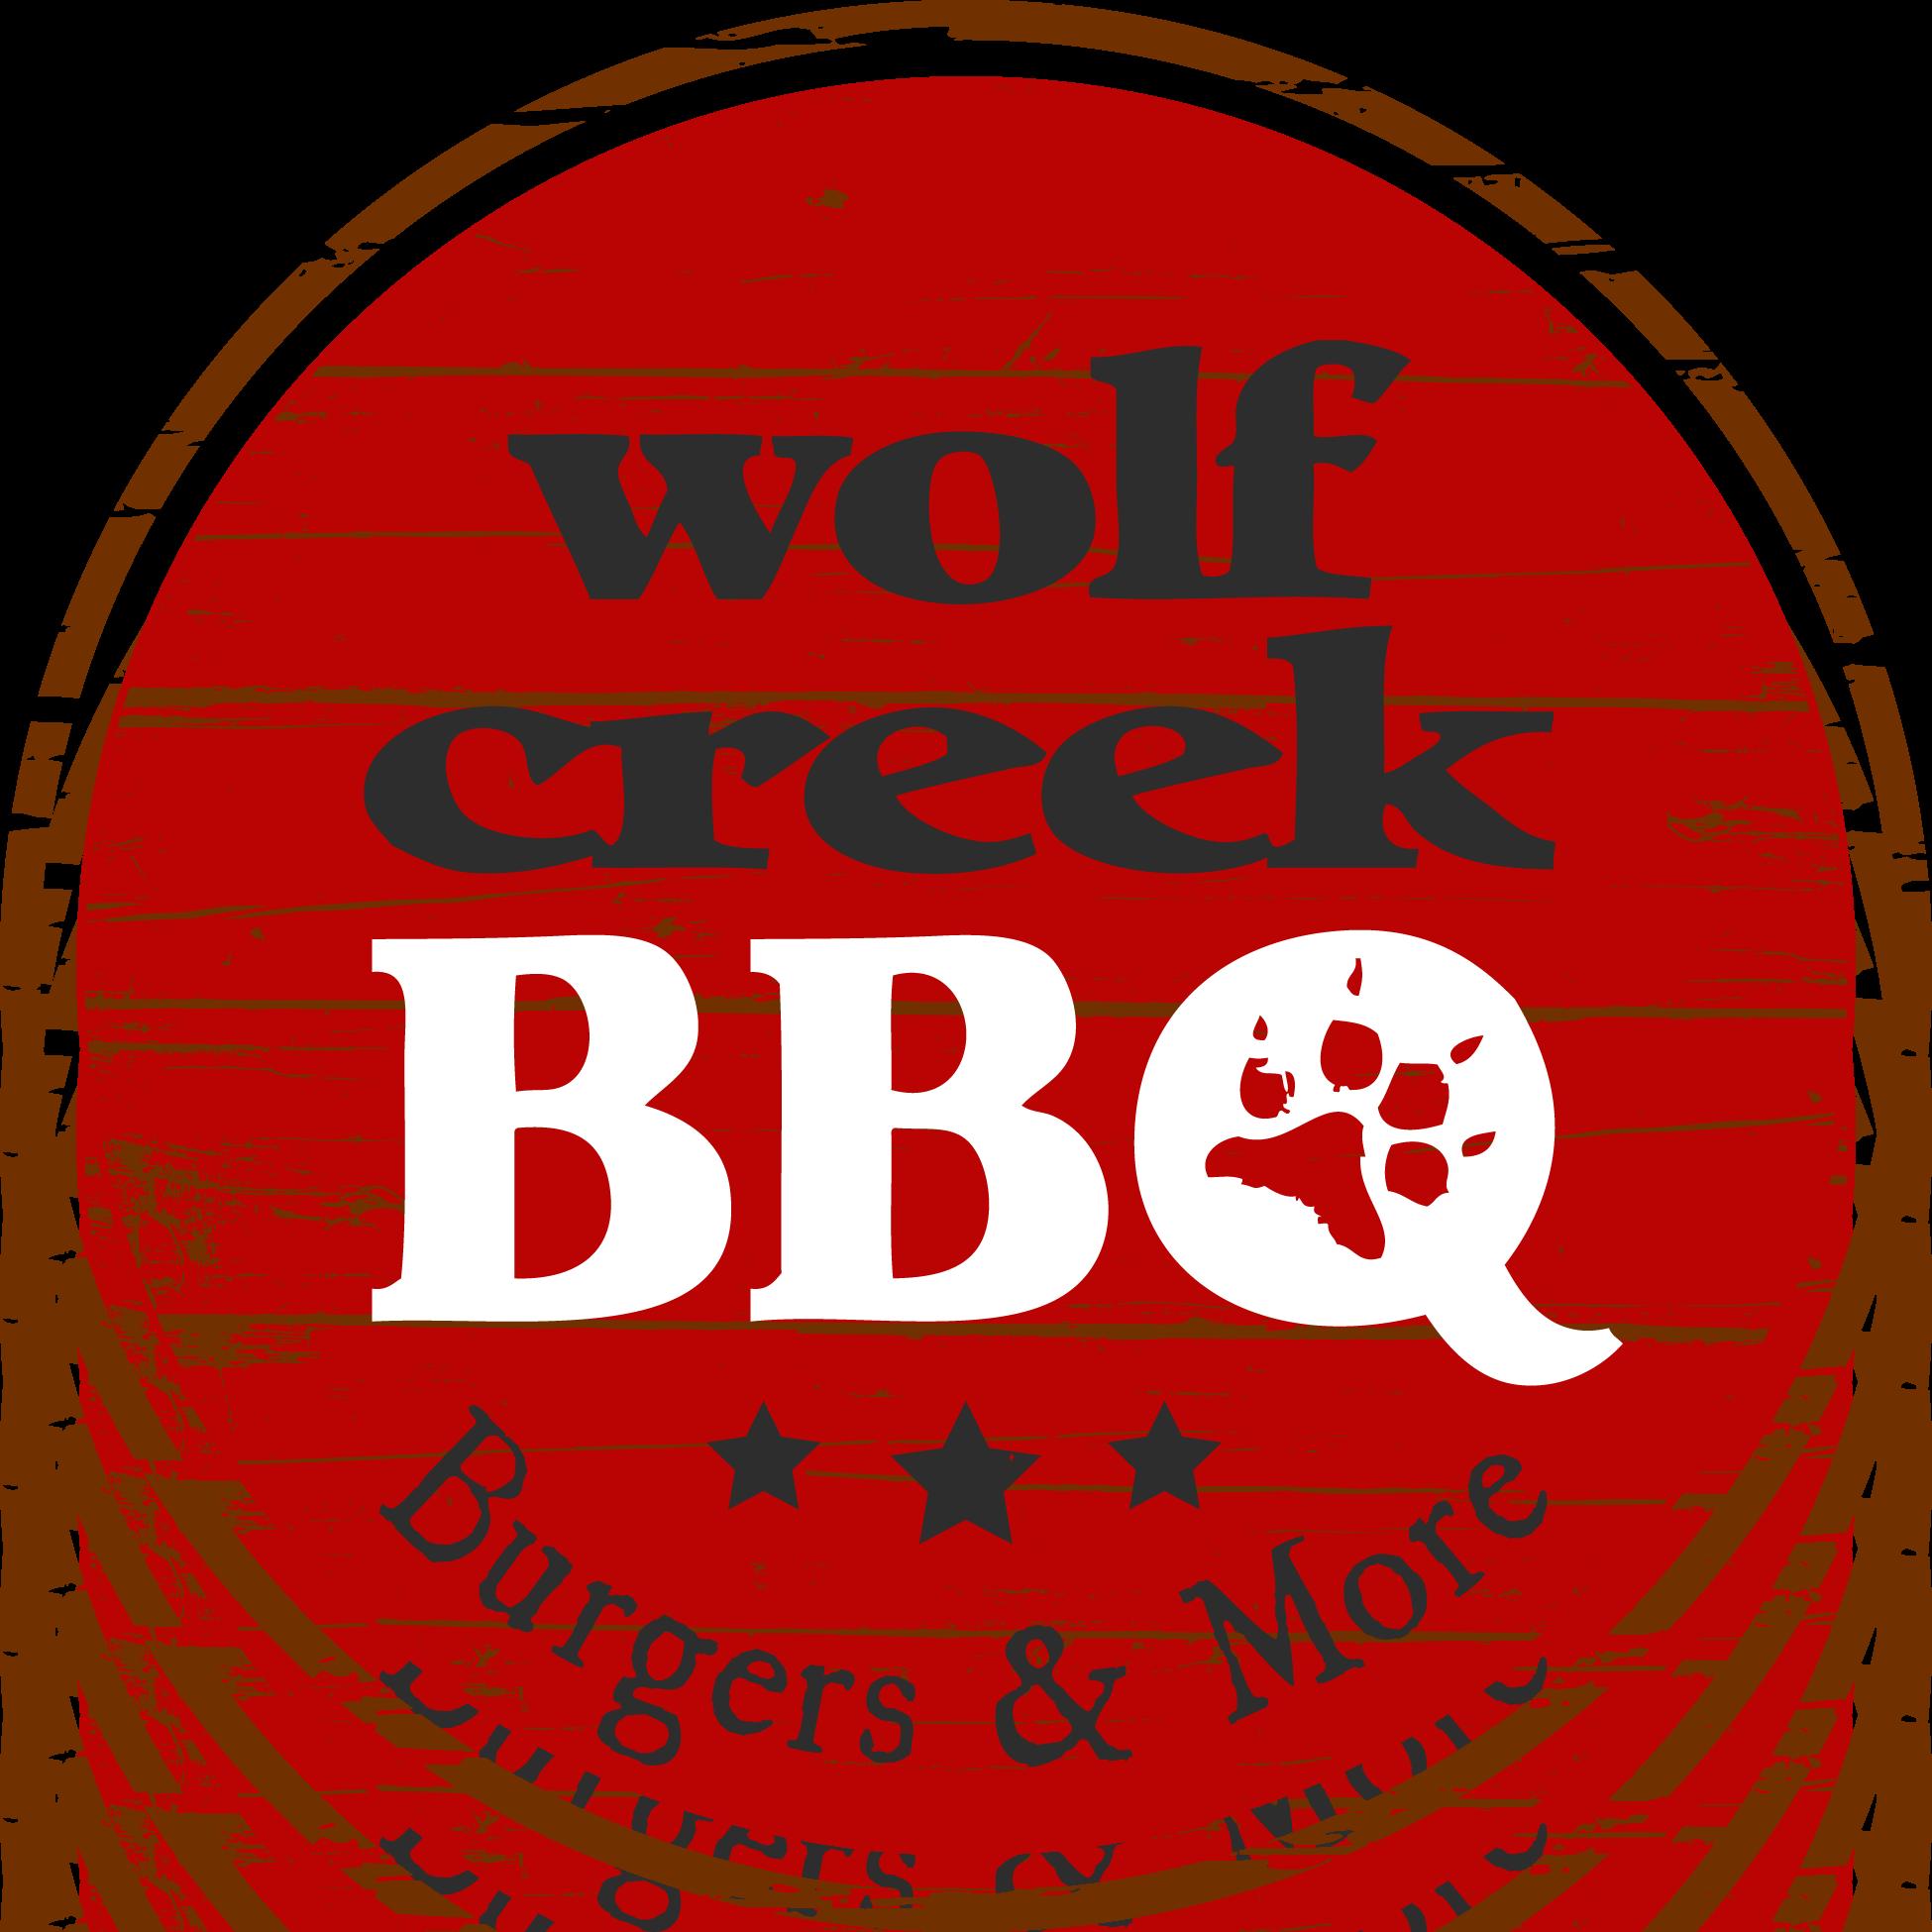 Wolf Creek BBQ